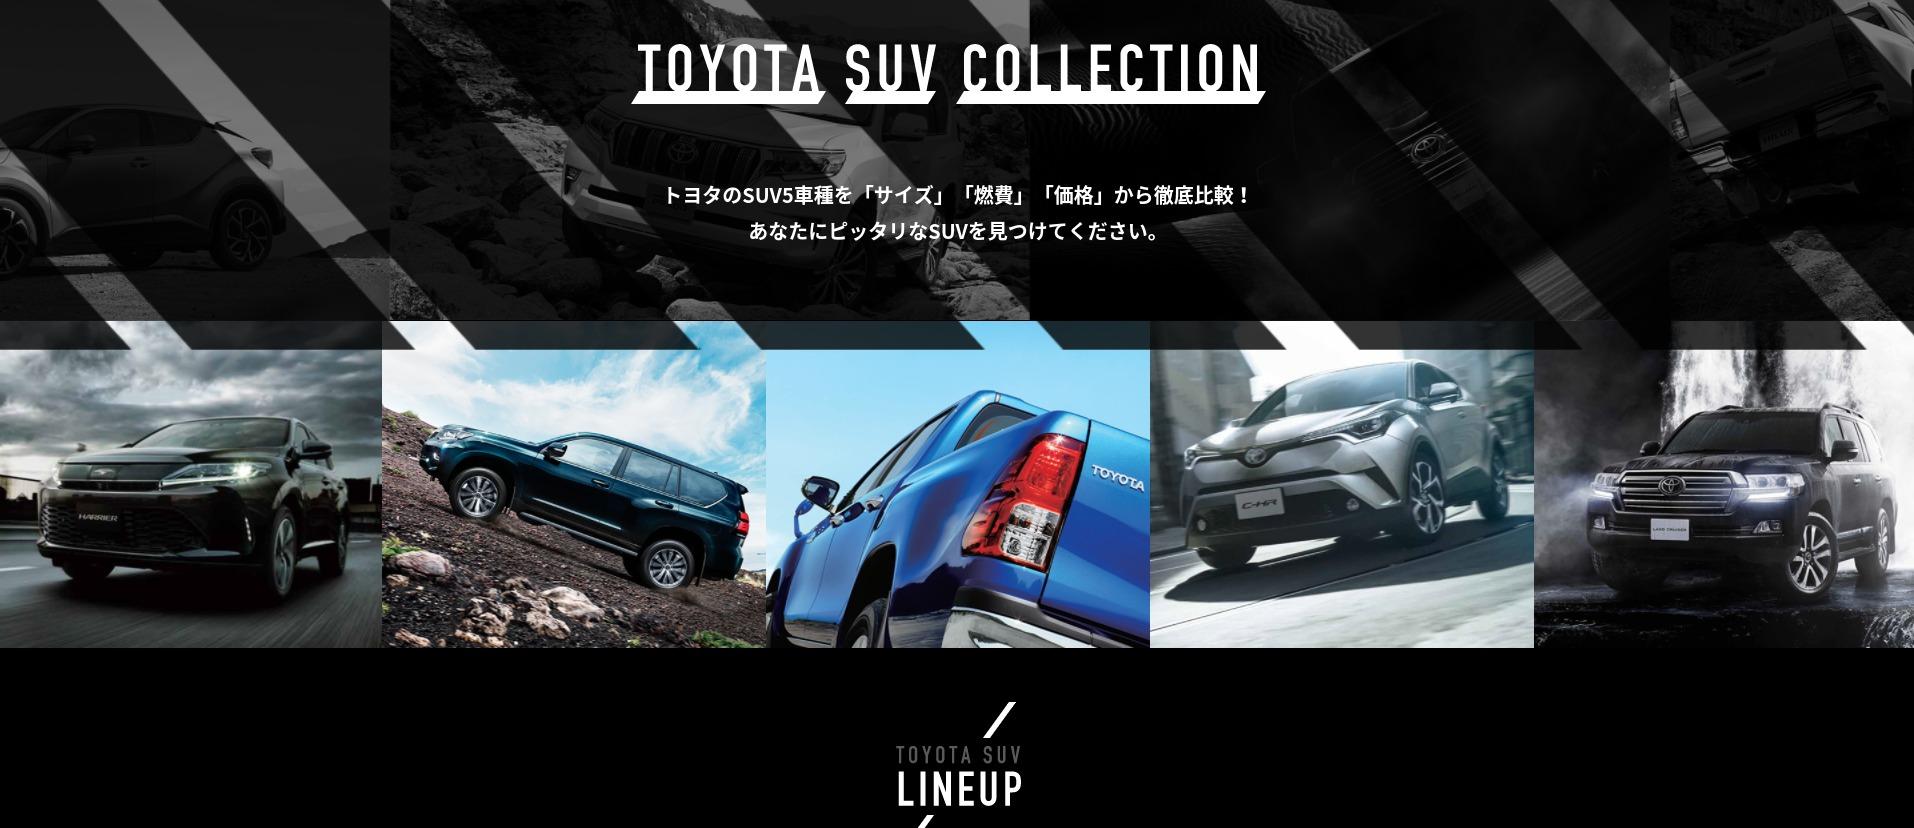 トヨタ インフォメーション TOYOTA SUV COLLECTION SUVラインナップ比較 トヨタ自動車WEBサイト